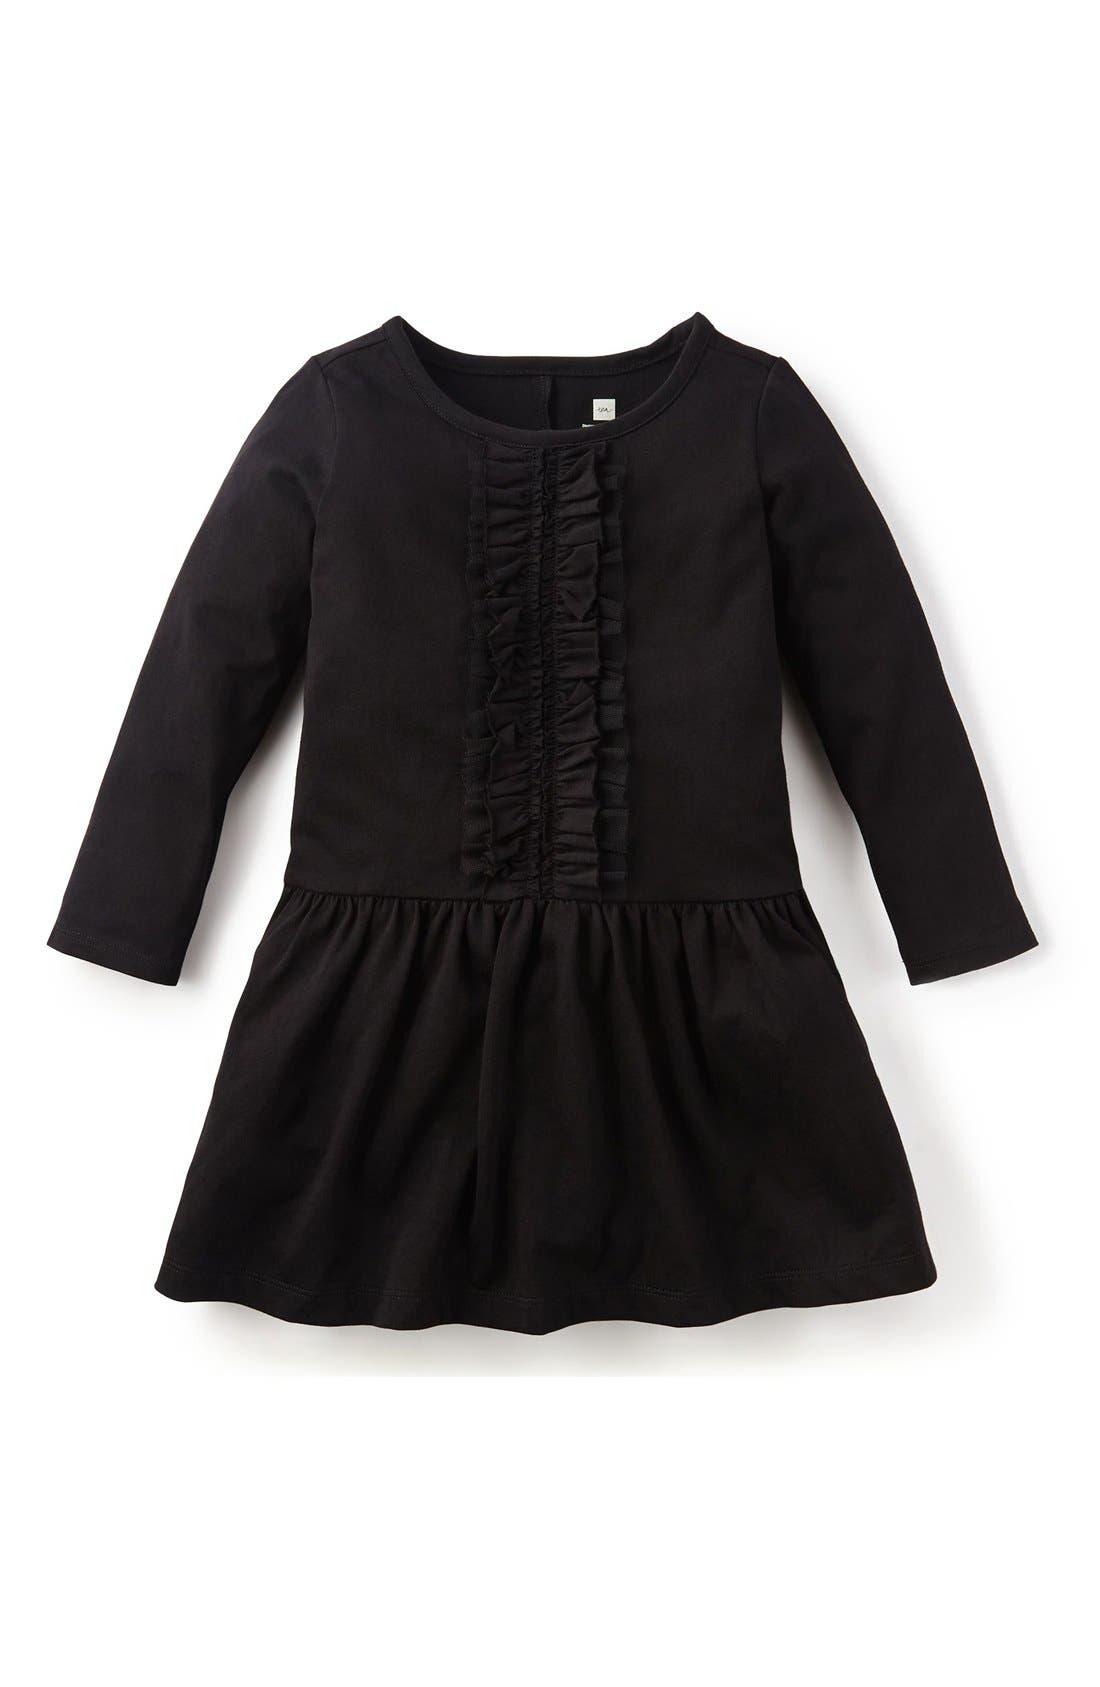 Main Image - Tea Collection Ruffle Drop Waist Dress (Toddler Girls, Little Girls & Big Girls)